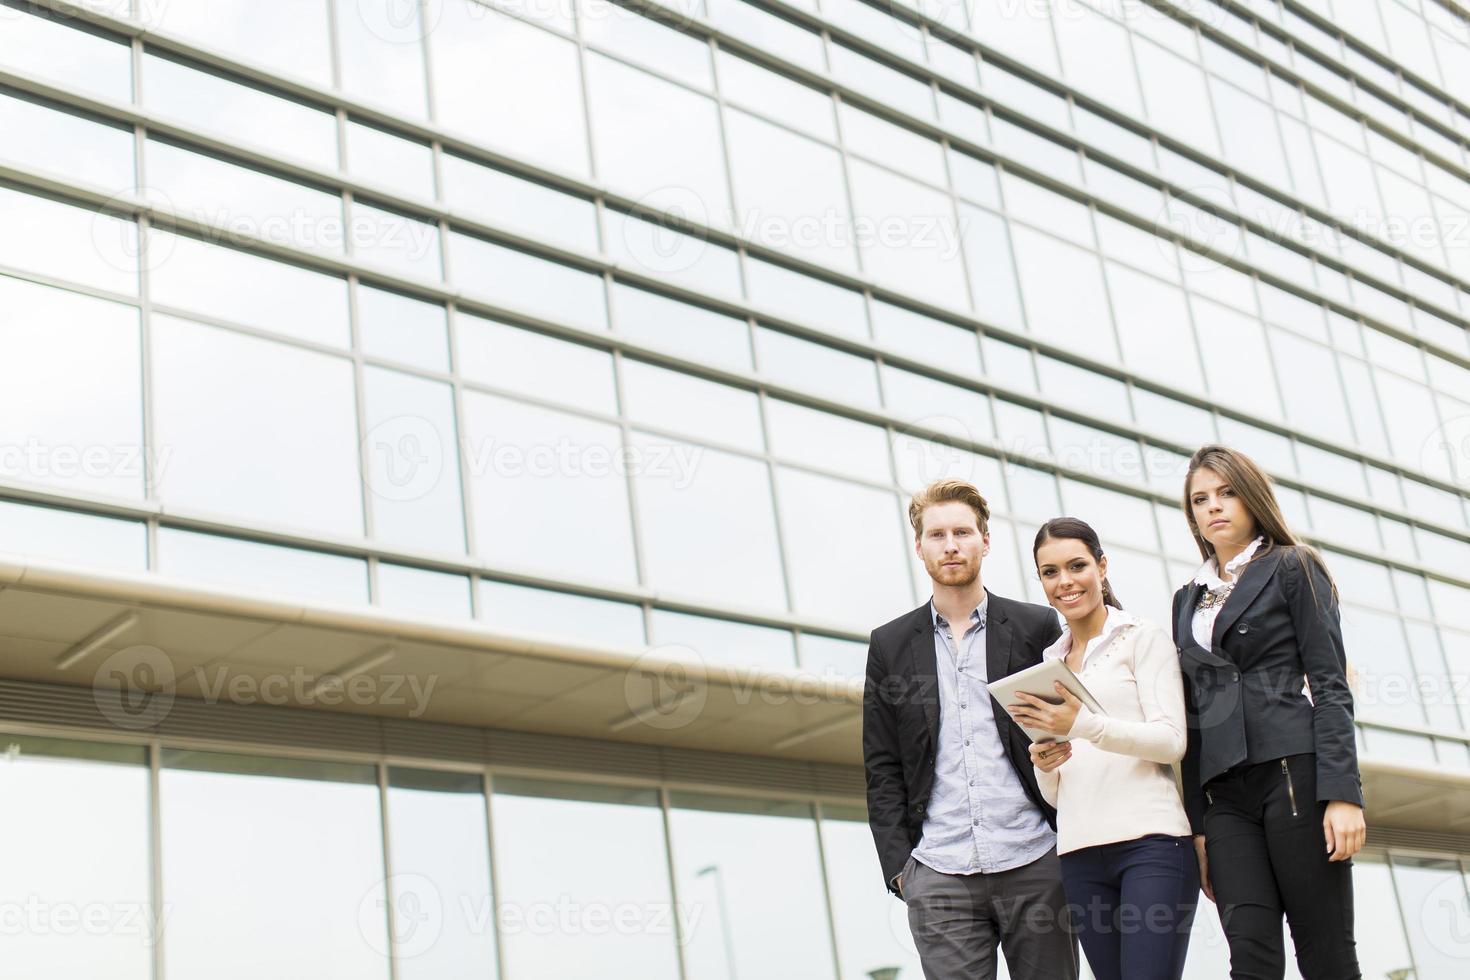 jonge zakenlui buitenshuis foto